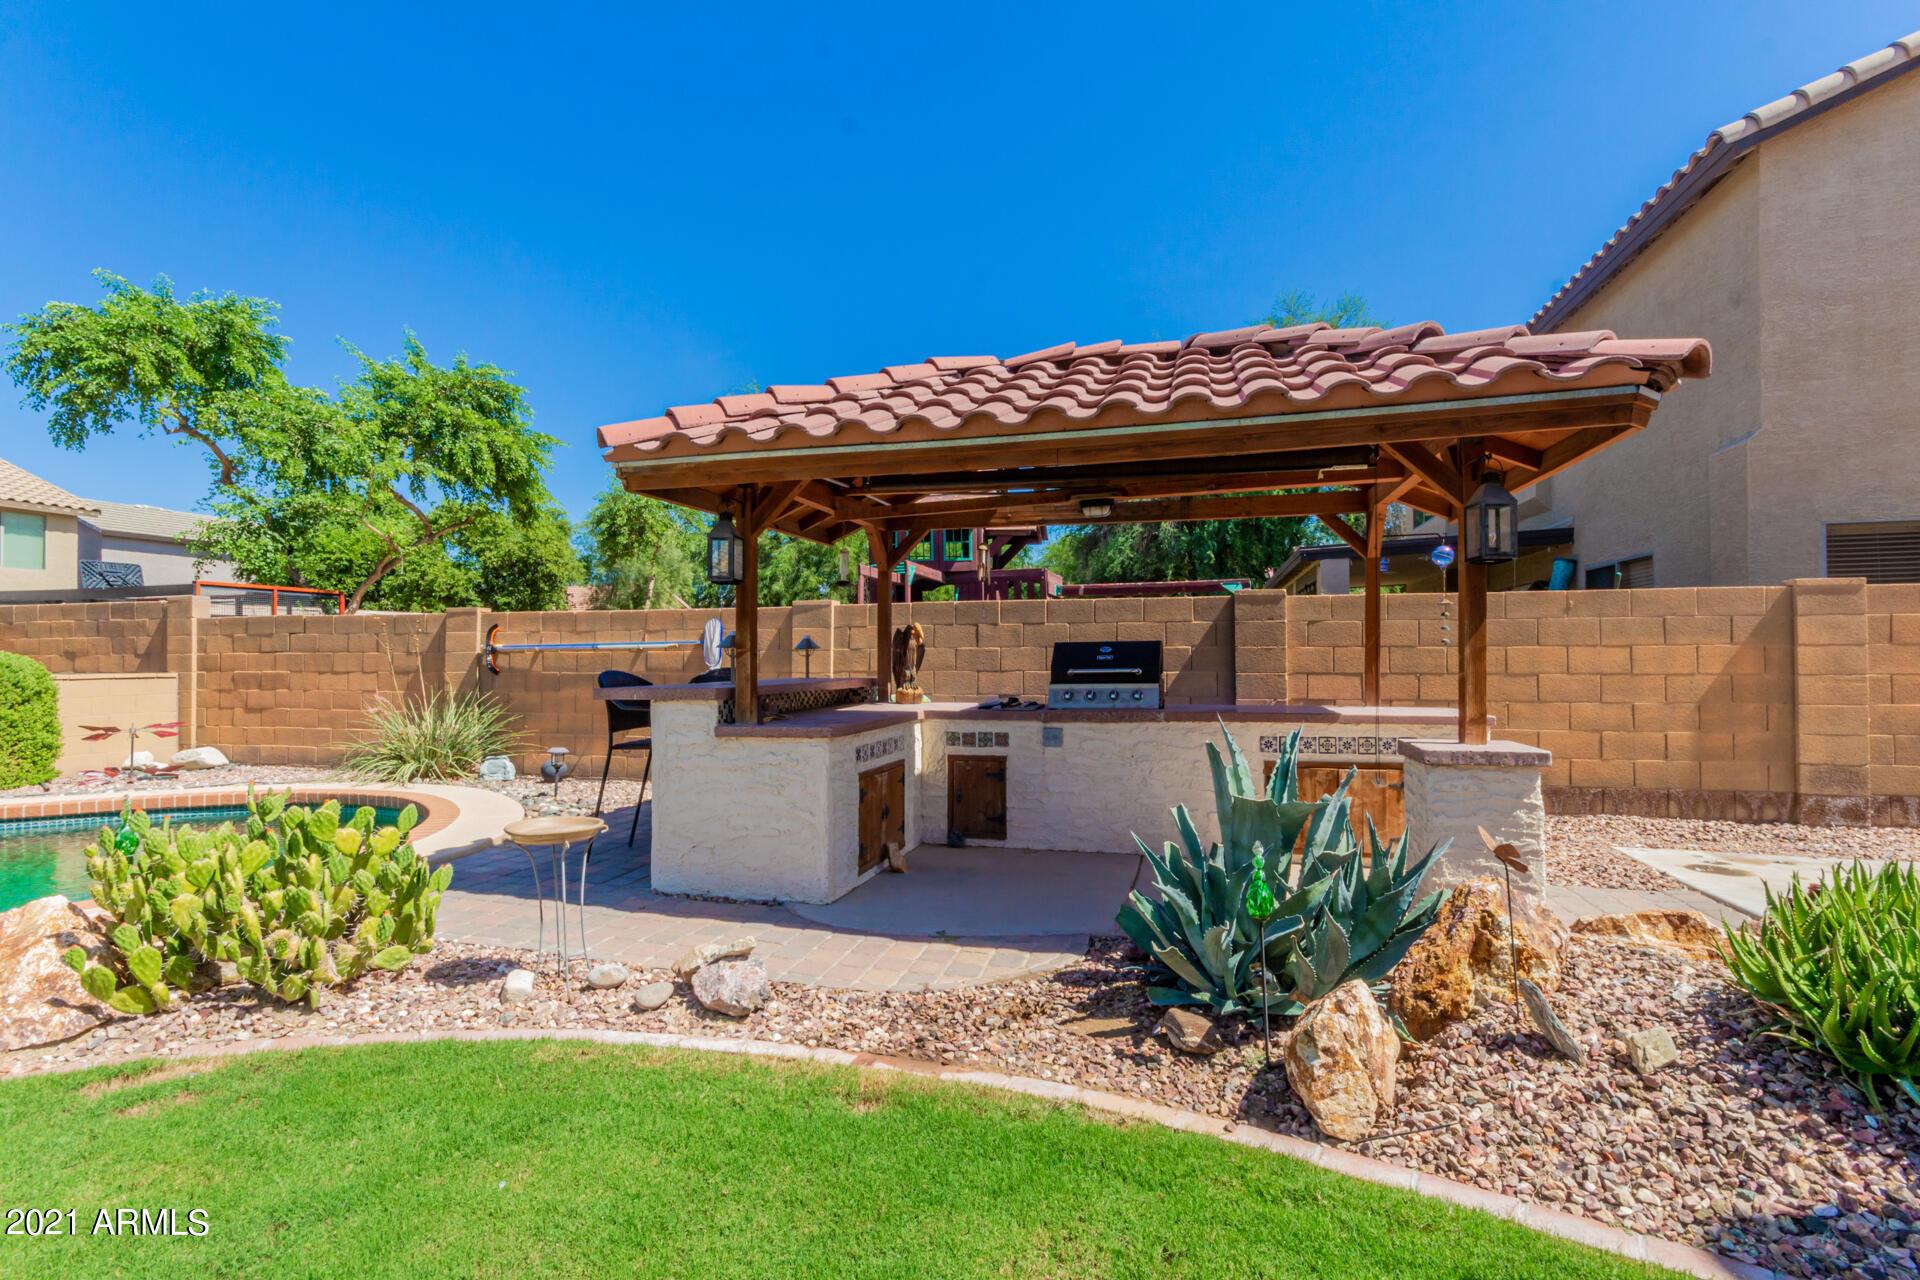 MLS 6297098 16770 W MELVIN Street, Goodyear, AZ 85338 Goodyear AZ Private Pool